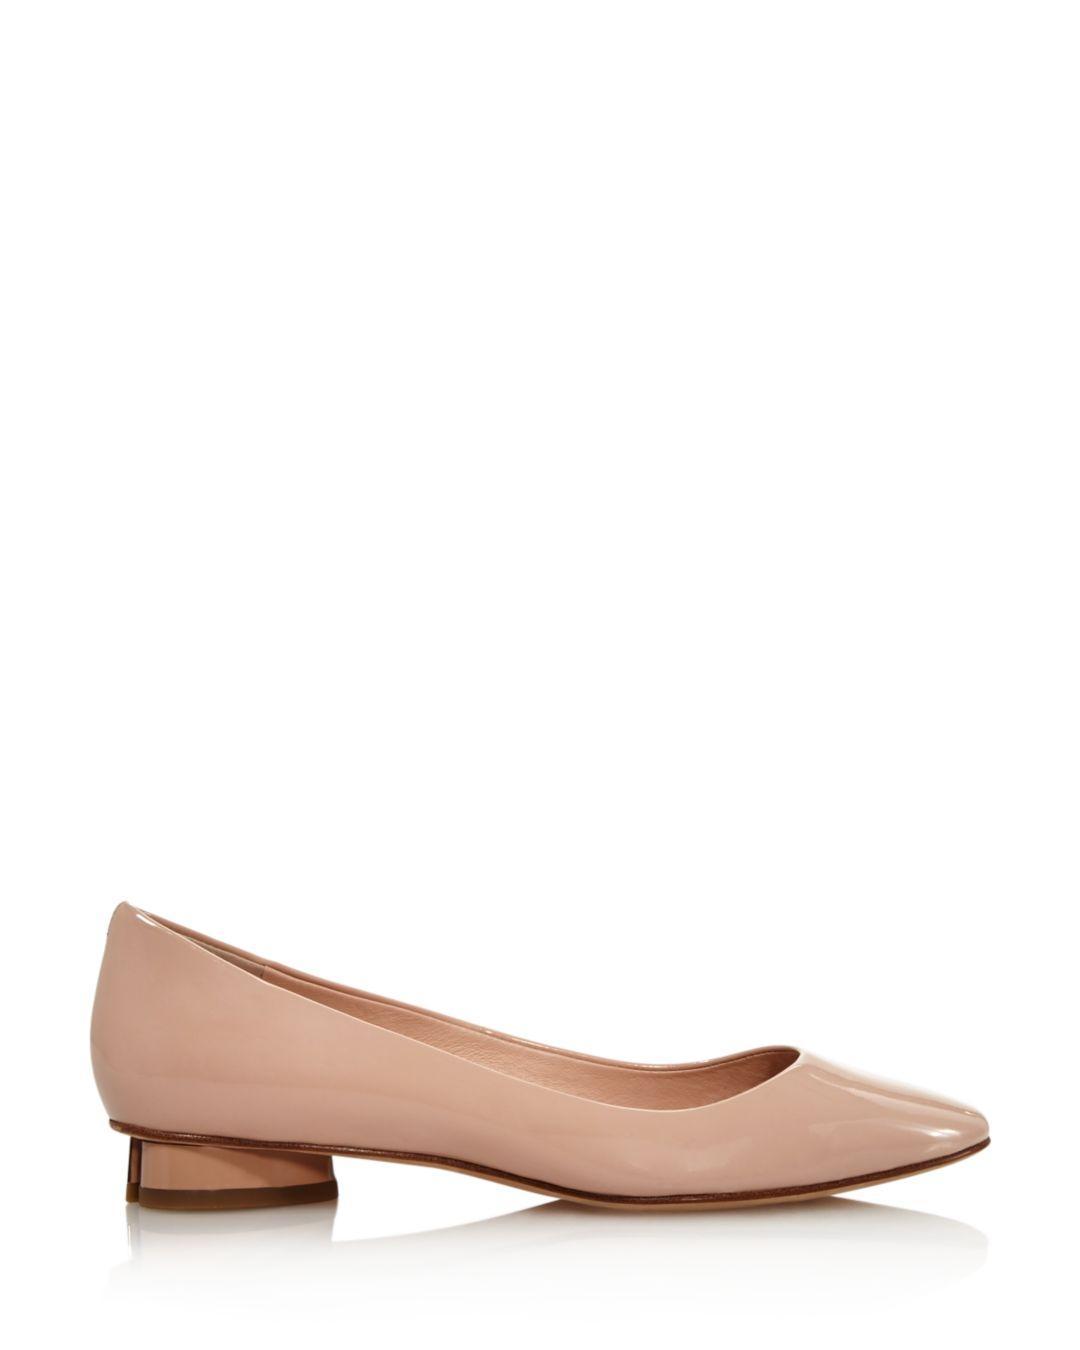 a74951d105fd Lyst - Kate Spade Women s Fallyn Ballet Flats